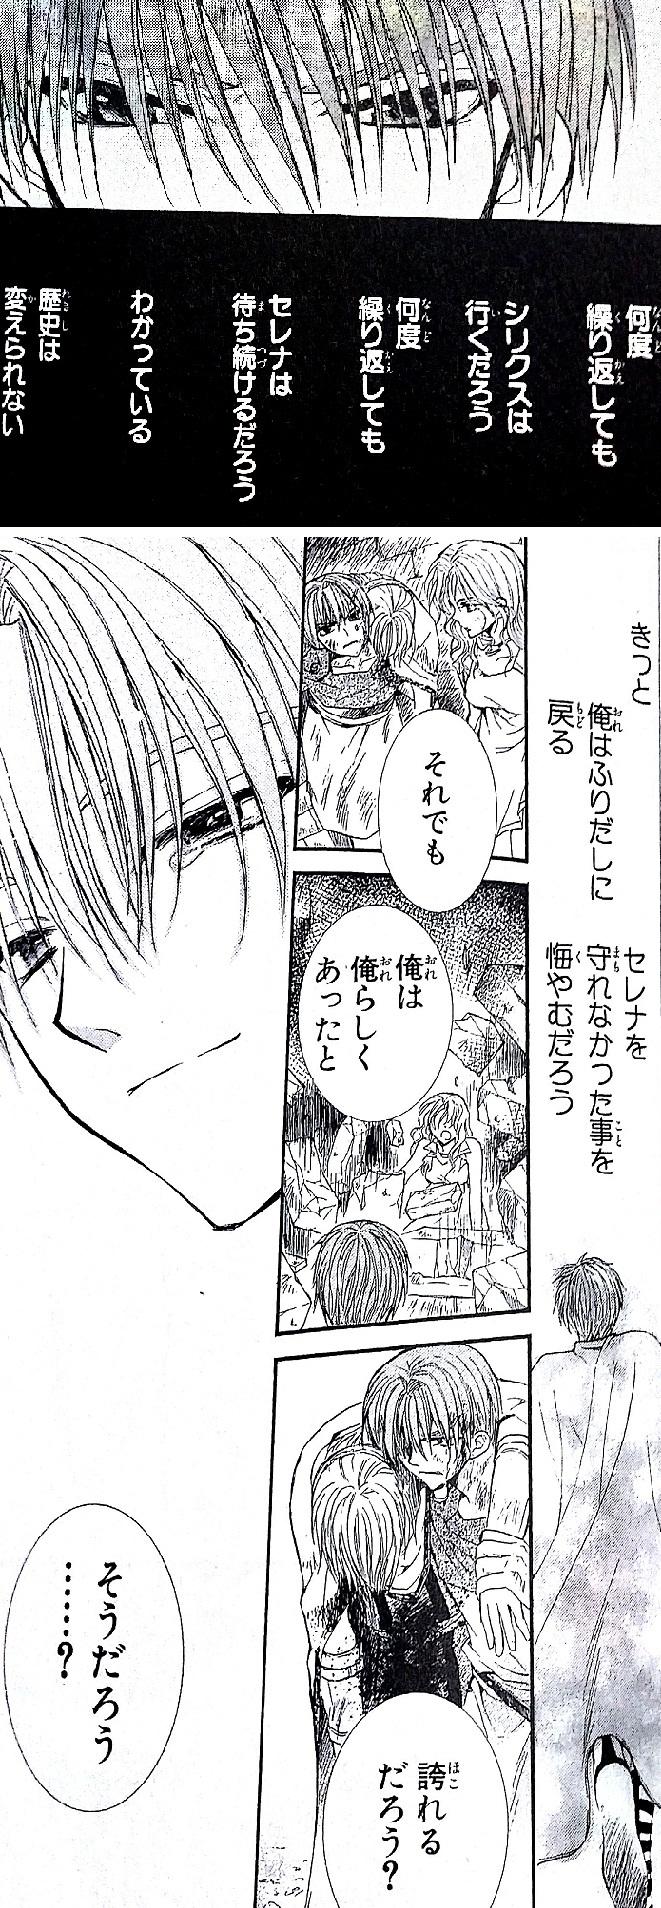 『NGライフ』草凪みずほ/9巻p82,p105